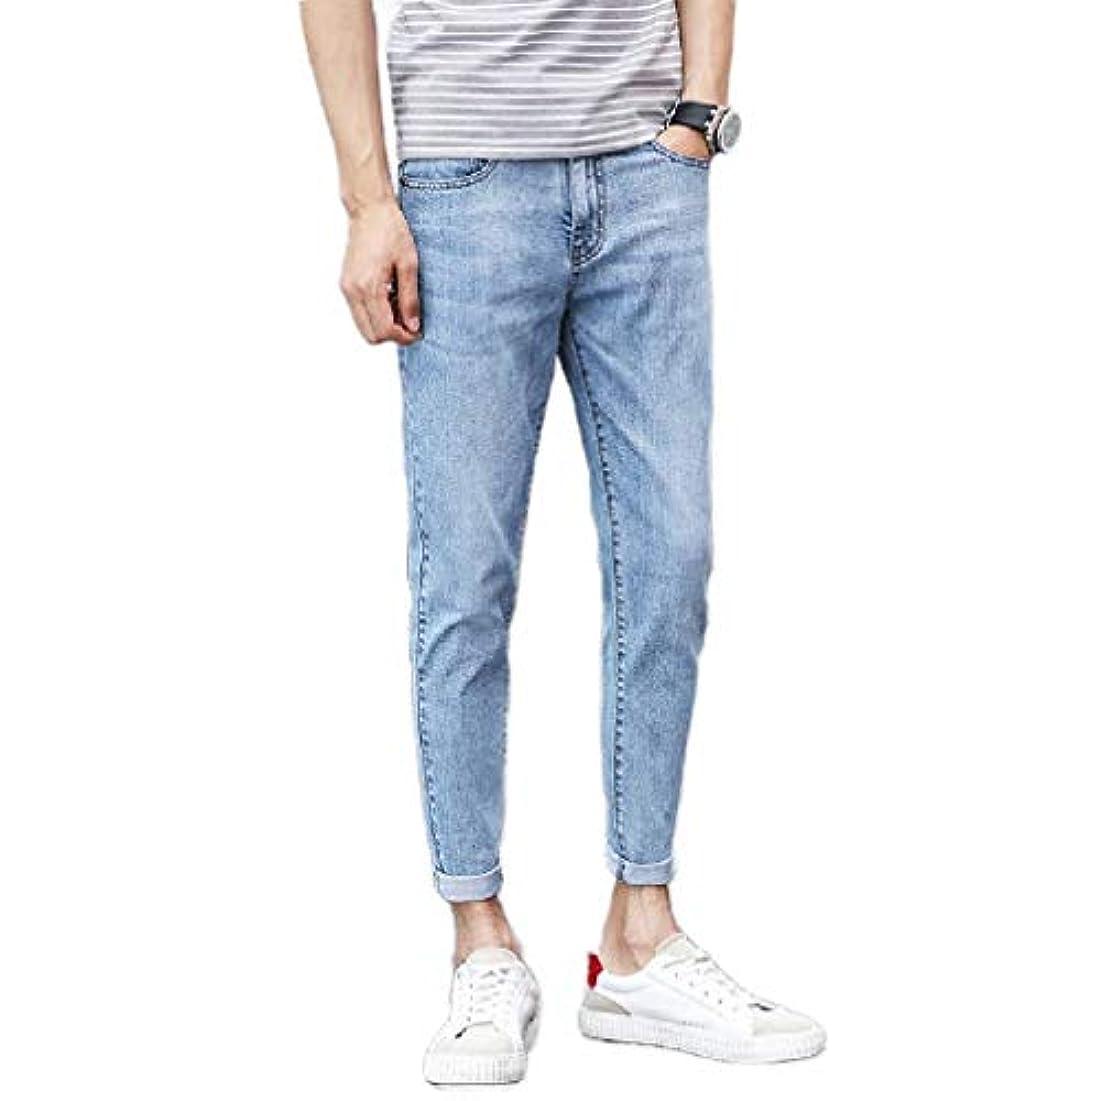 インレイカタログ浴室VITryst Men Jeans Middle Waist Wash Denim Trim-Fit Fresh Ankle Pants